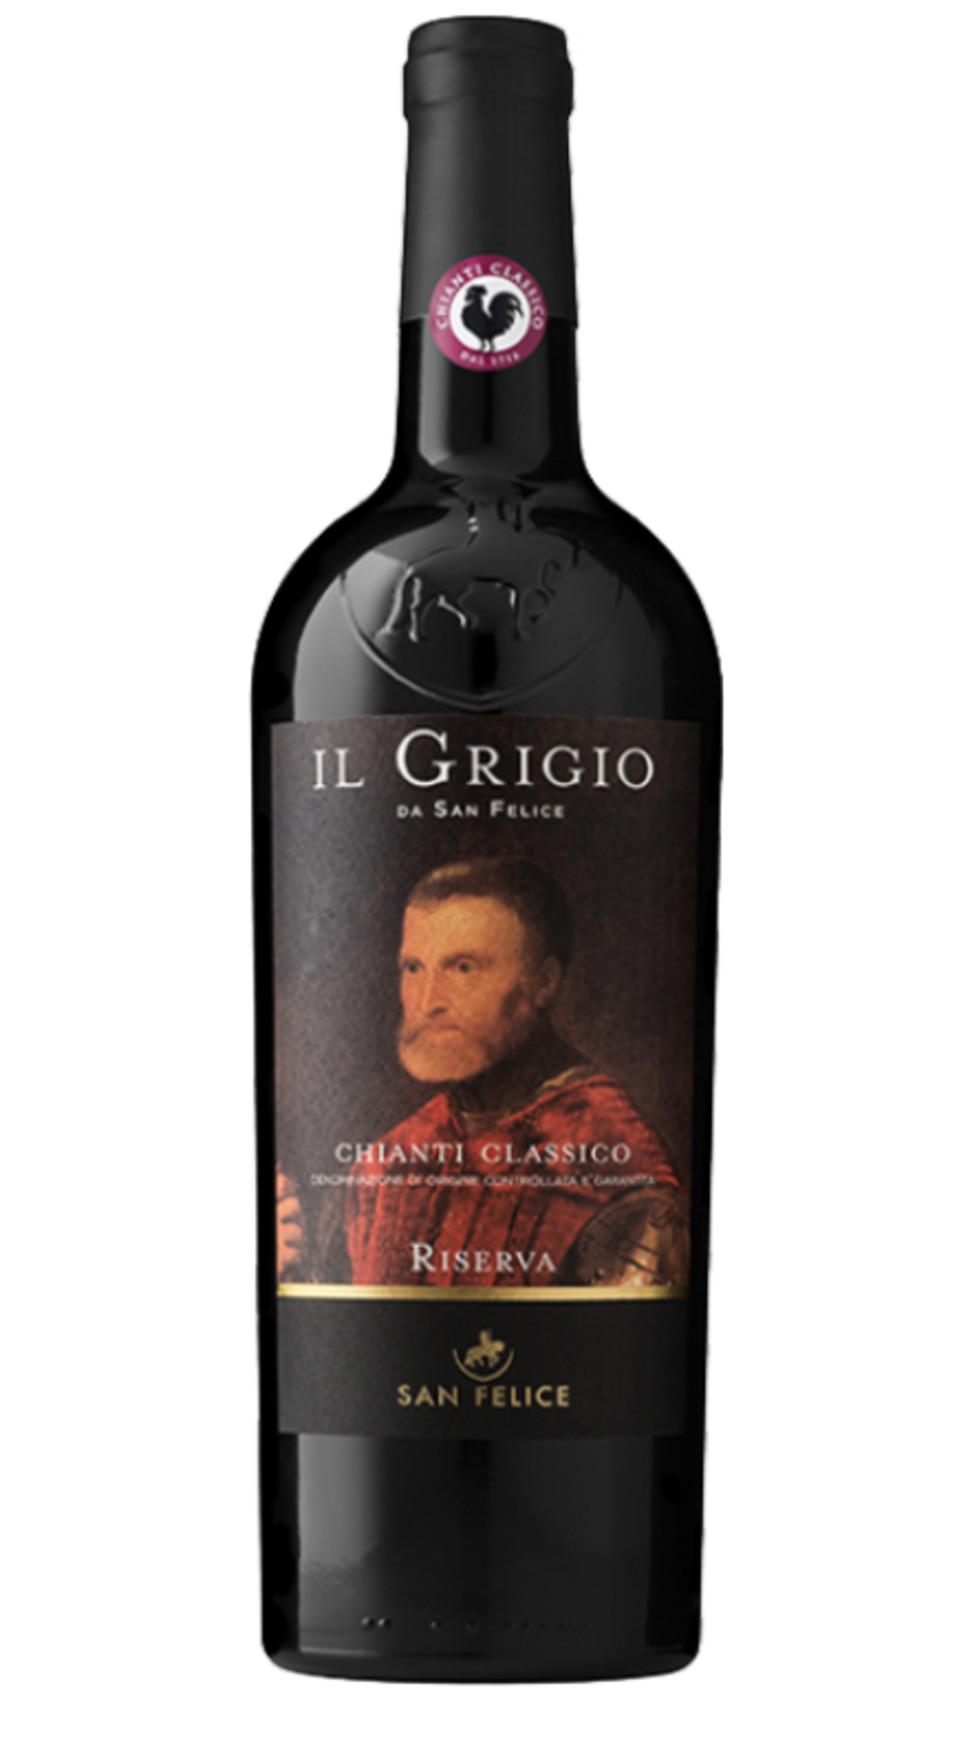 Vinho Chianti Classico Riserva Il Grigio da San Felice MAGNUM 2016